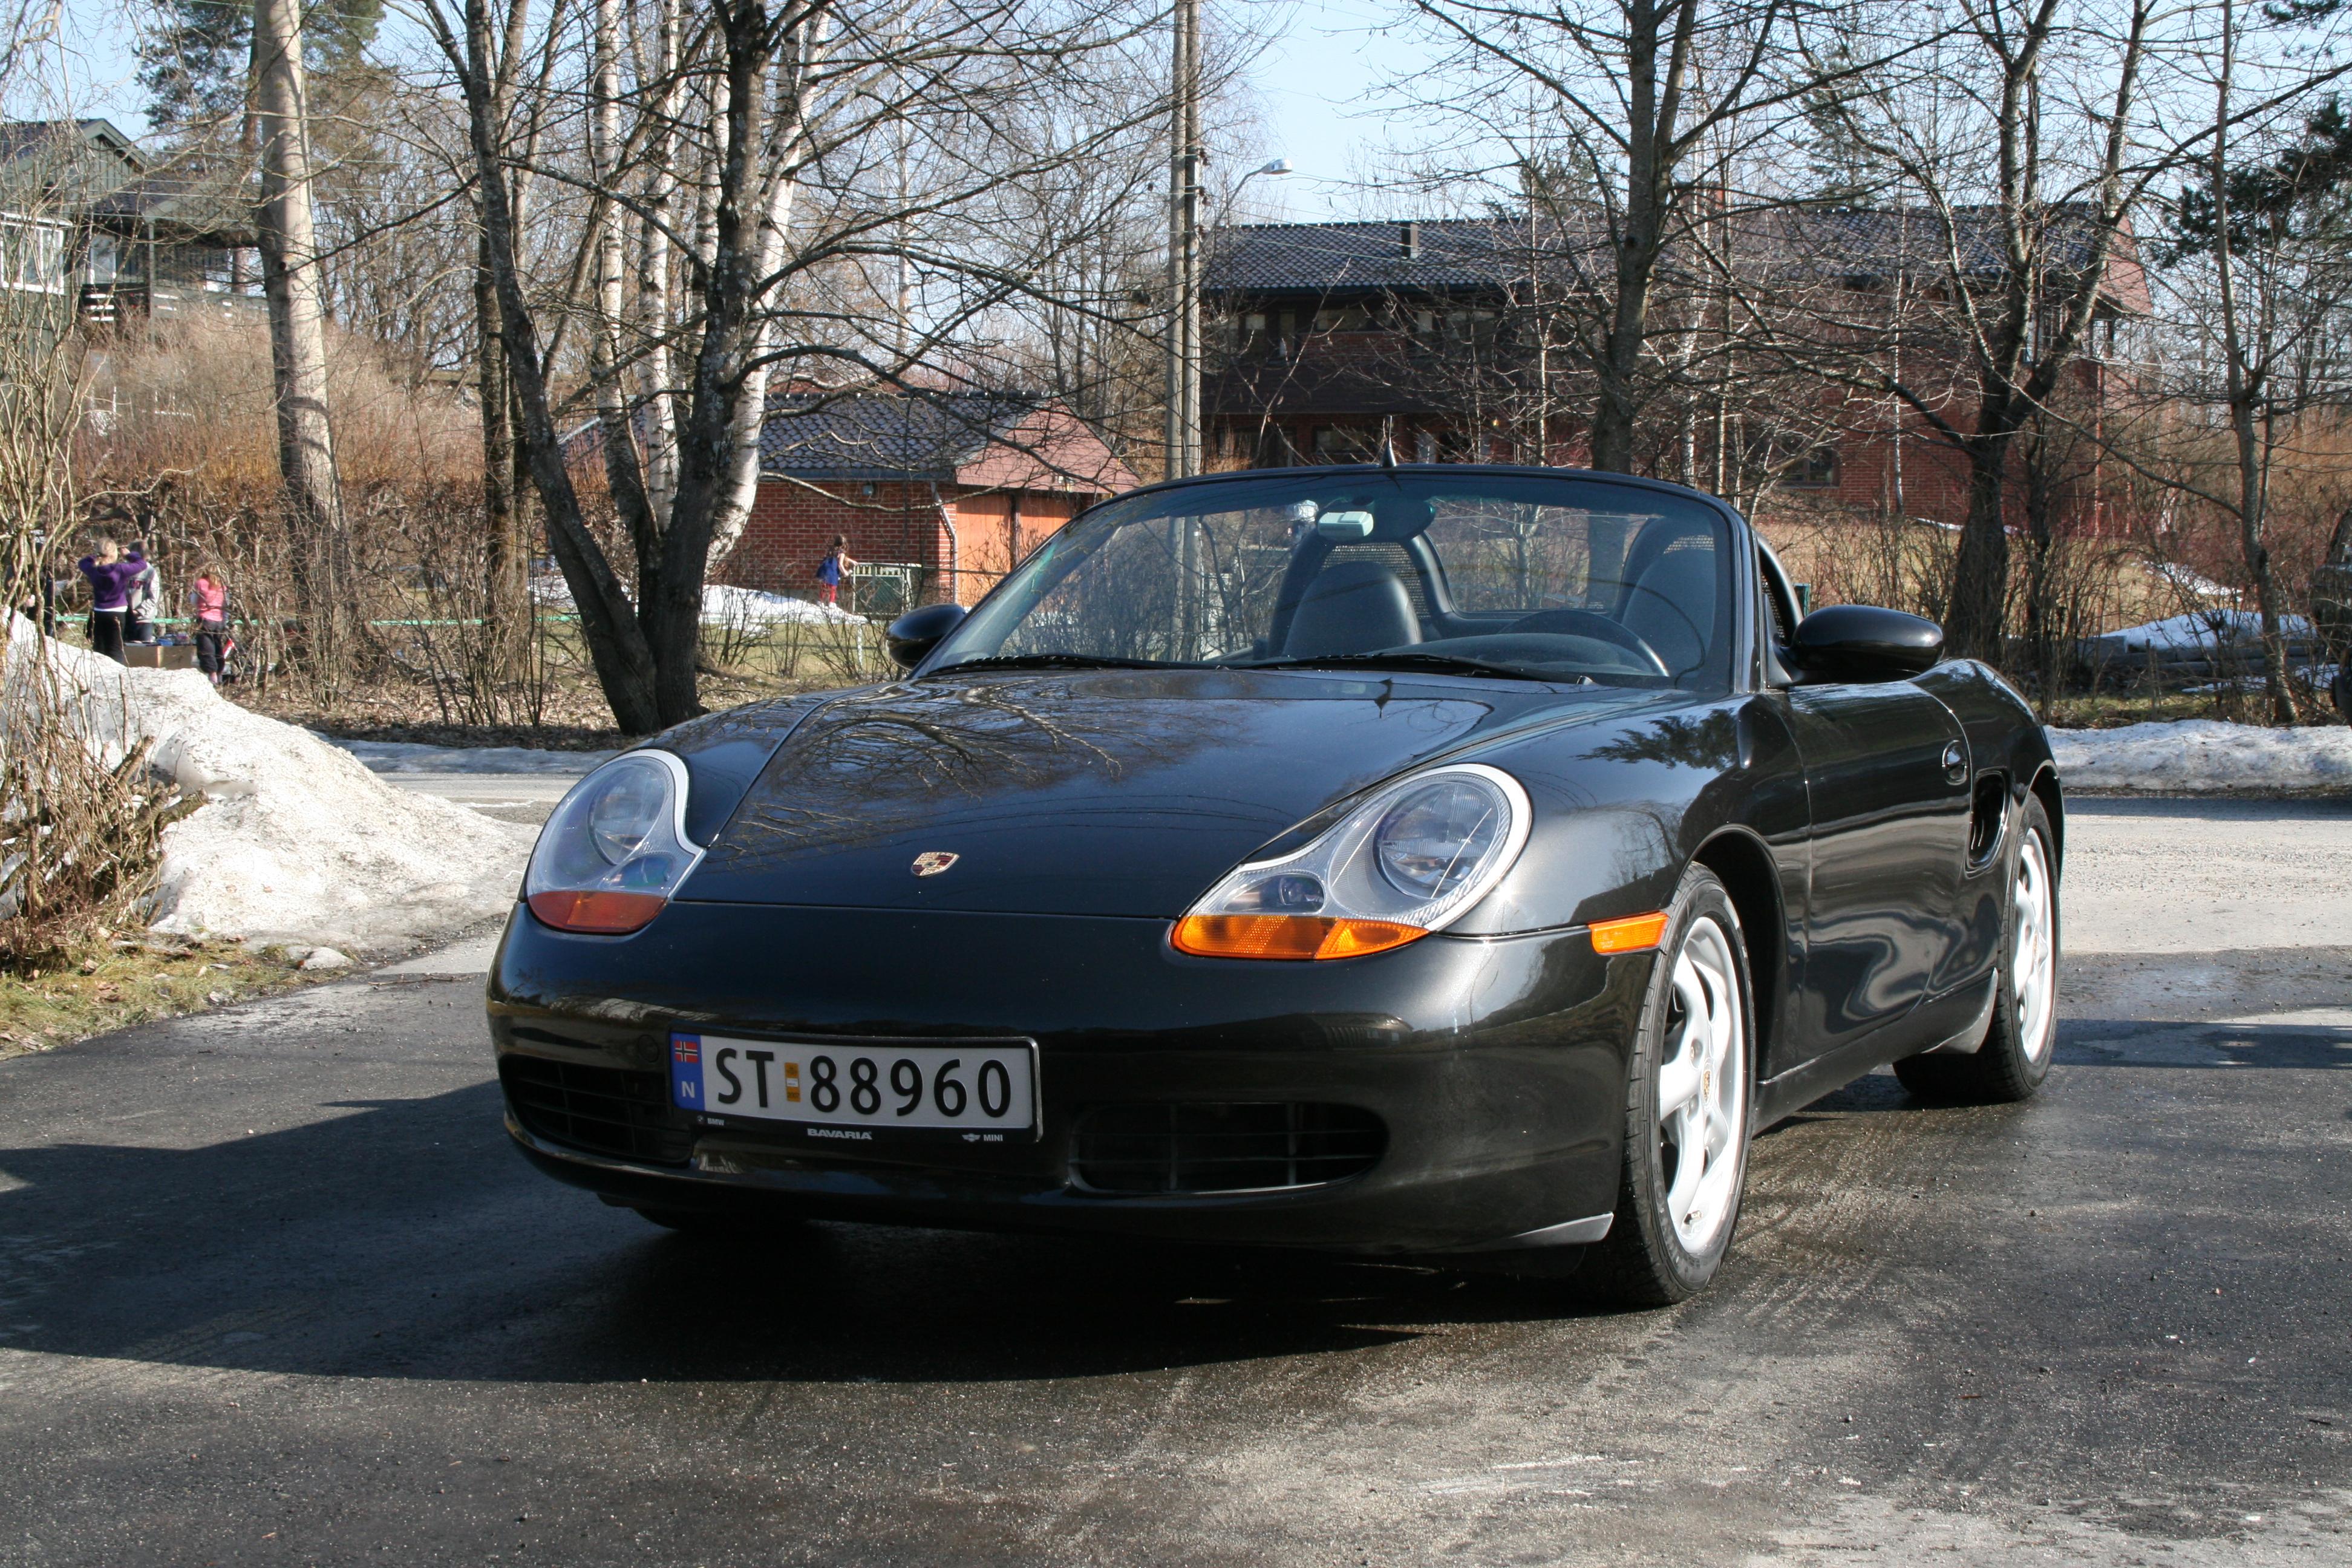 File:Porsche Boxster 2.jpg - Wikimedia Commons